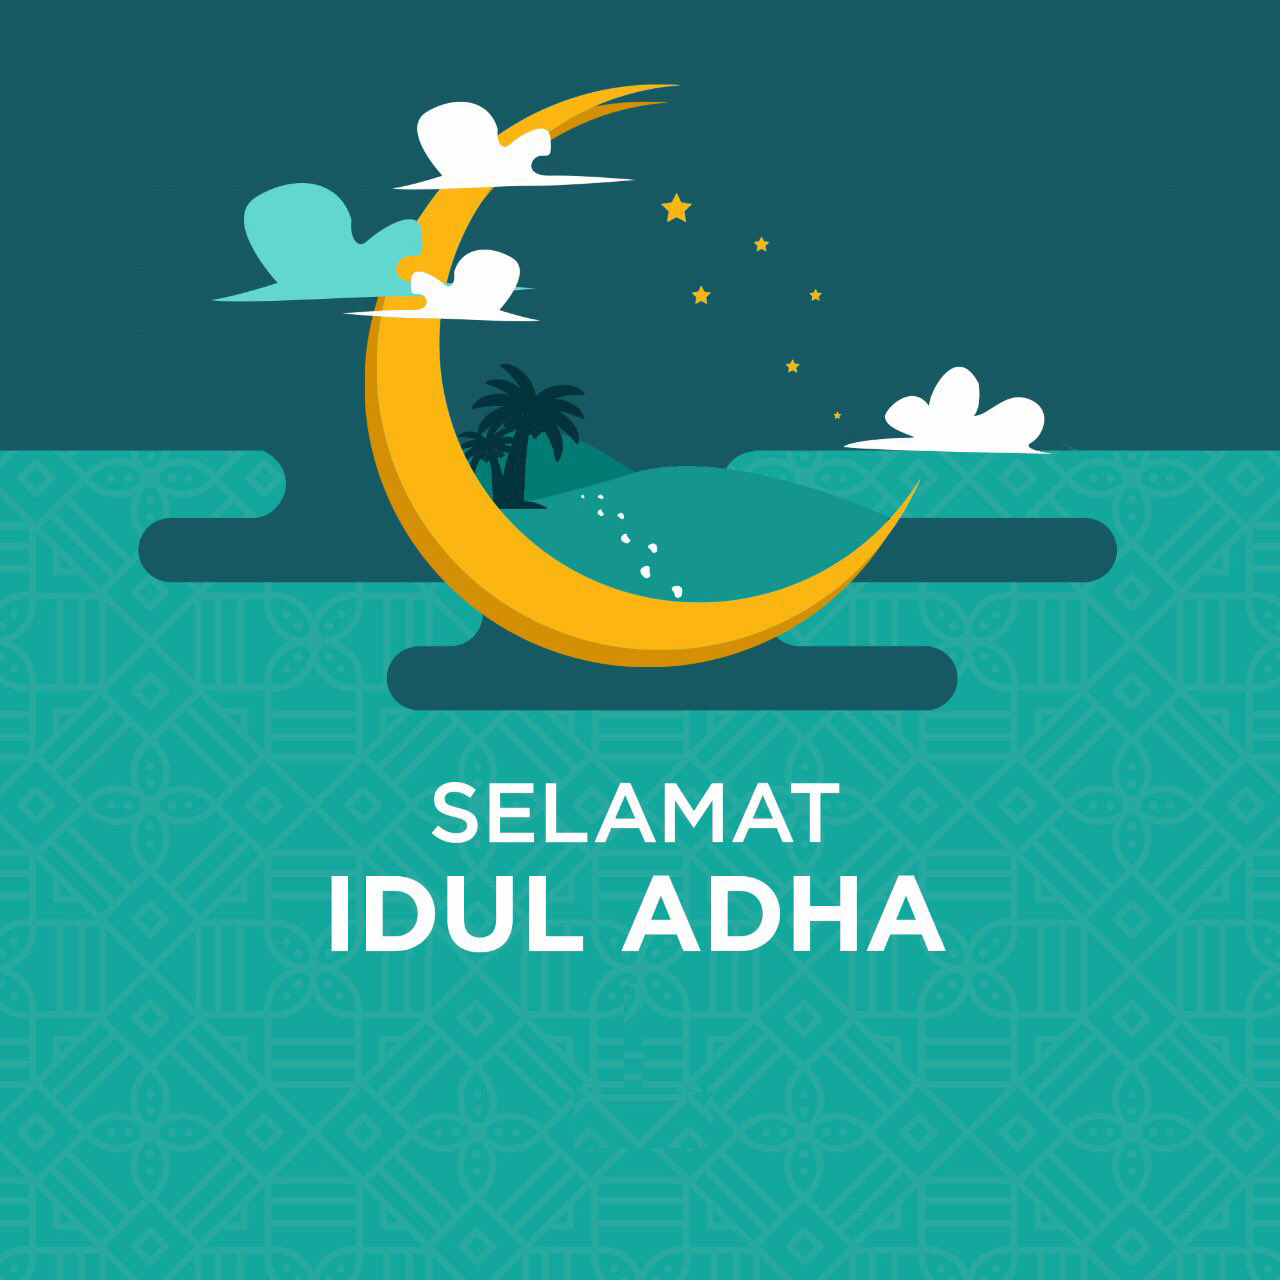 Gambar ucapan selamat hari raya idul adha terbaru 2020 1441 Hijriah bisa diedit, vector, gambar bulan warna kuning unik